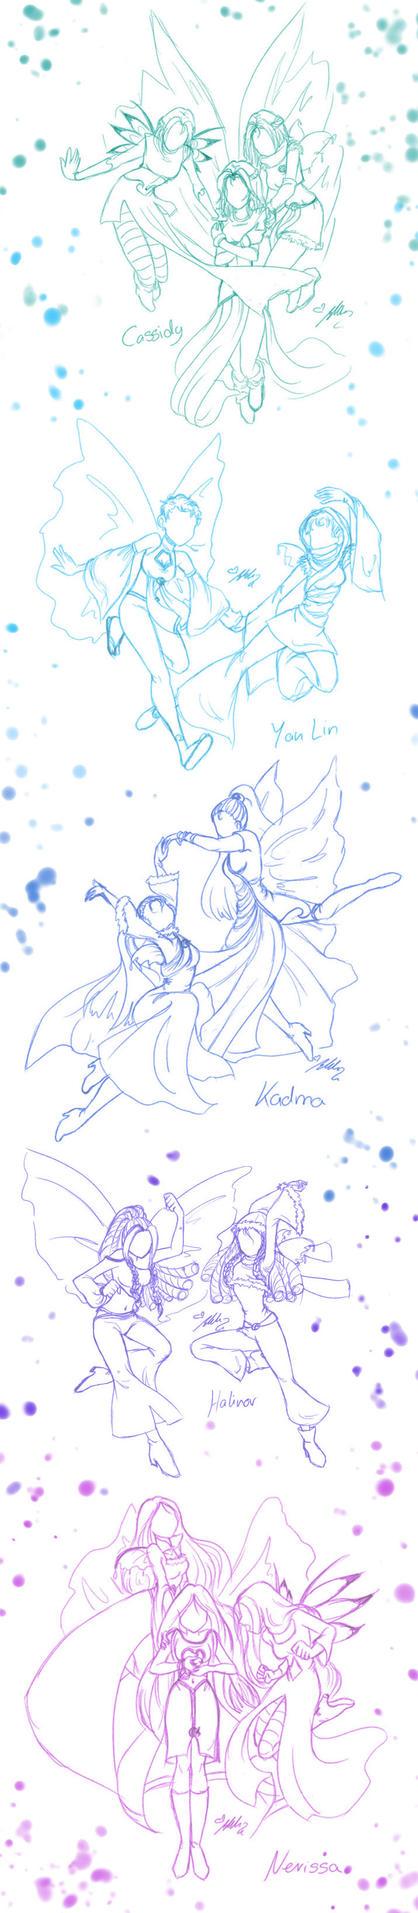 Sketchdump C.H.Y.K.N. by YummingDoe4